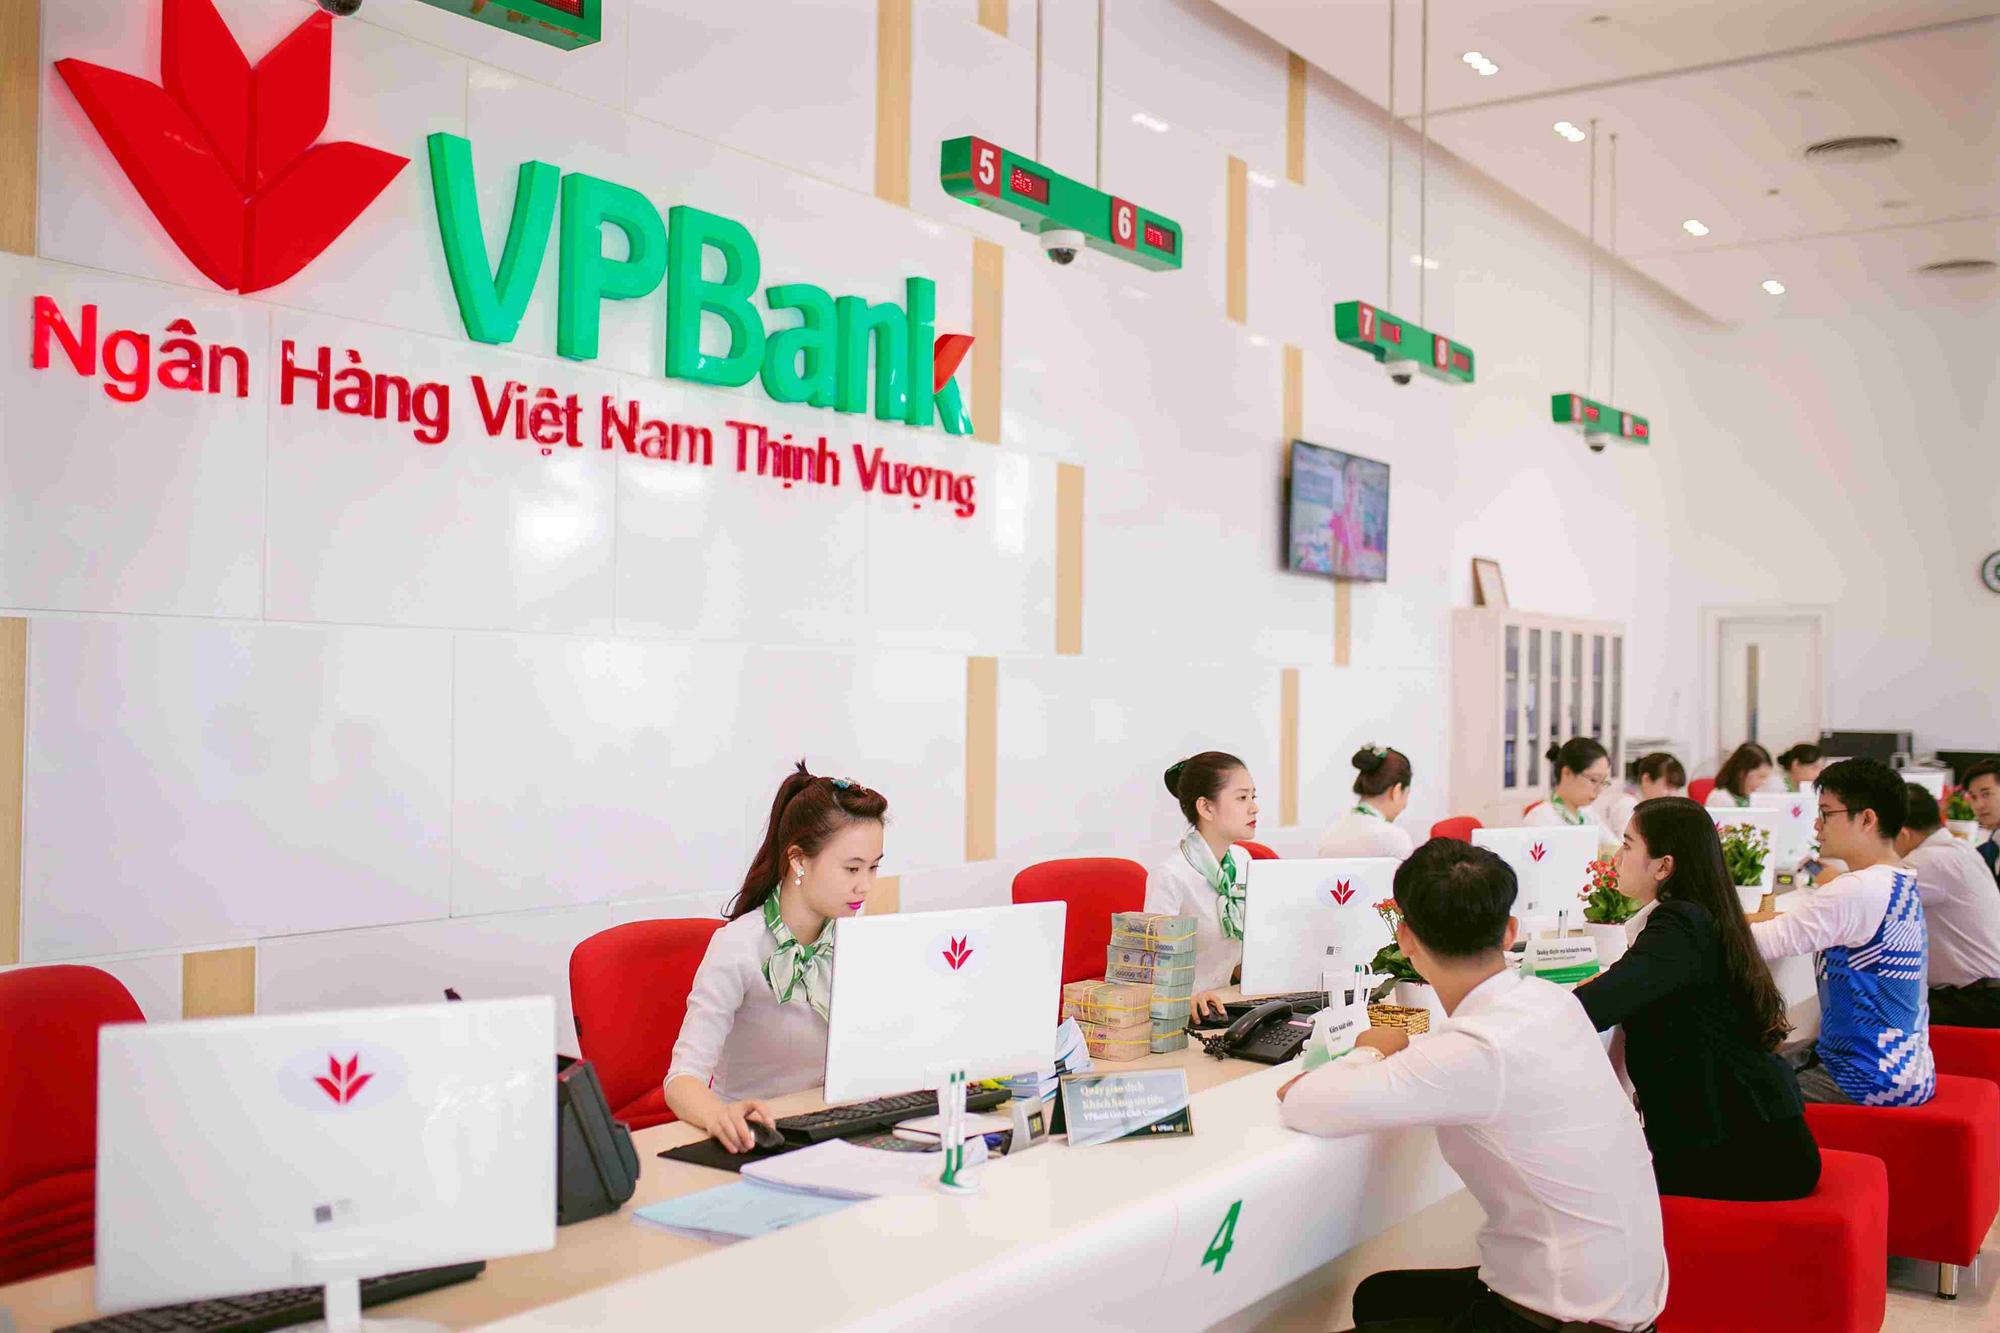 """Chuyển khoản """"thả ga"""" nhờ loạt ưu đãi hấp dẫn từ VPBank - Ảnh 1."""